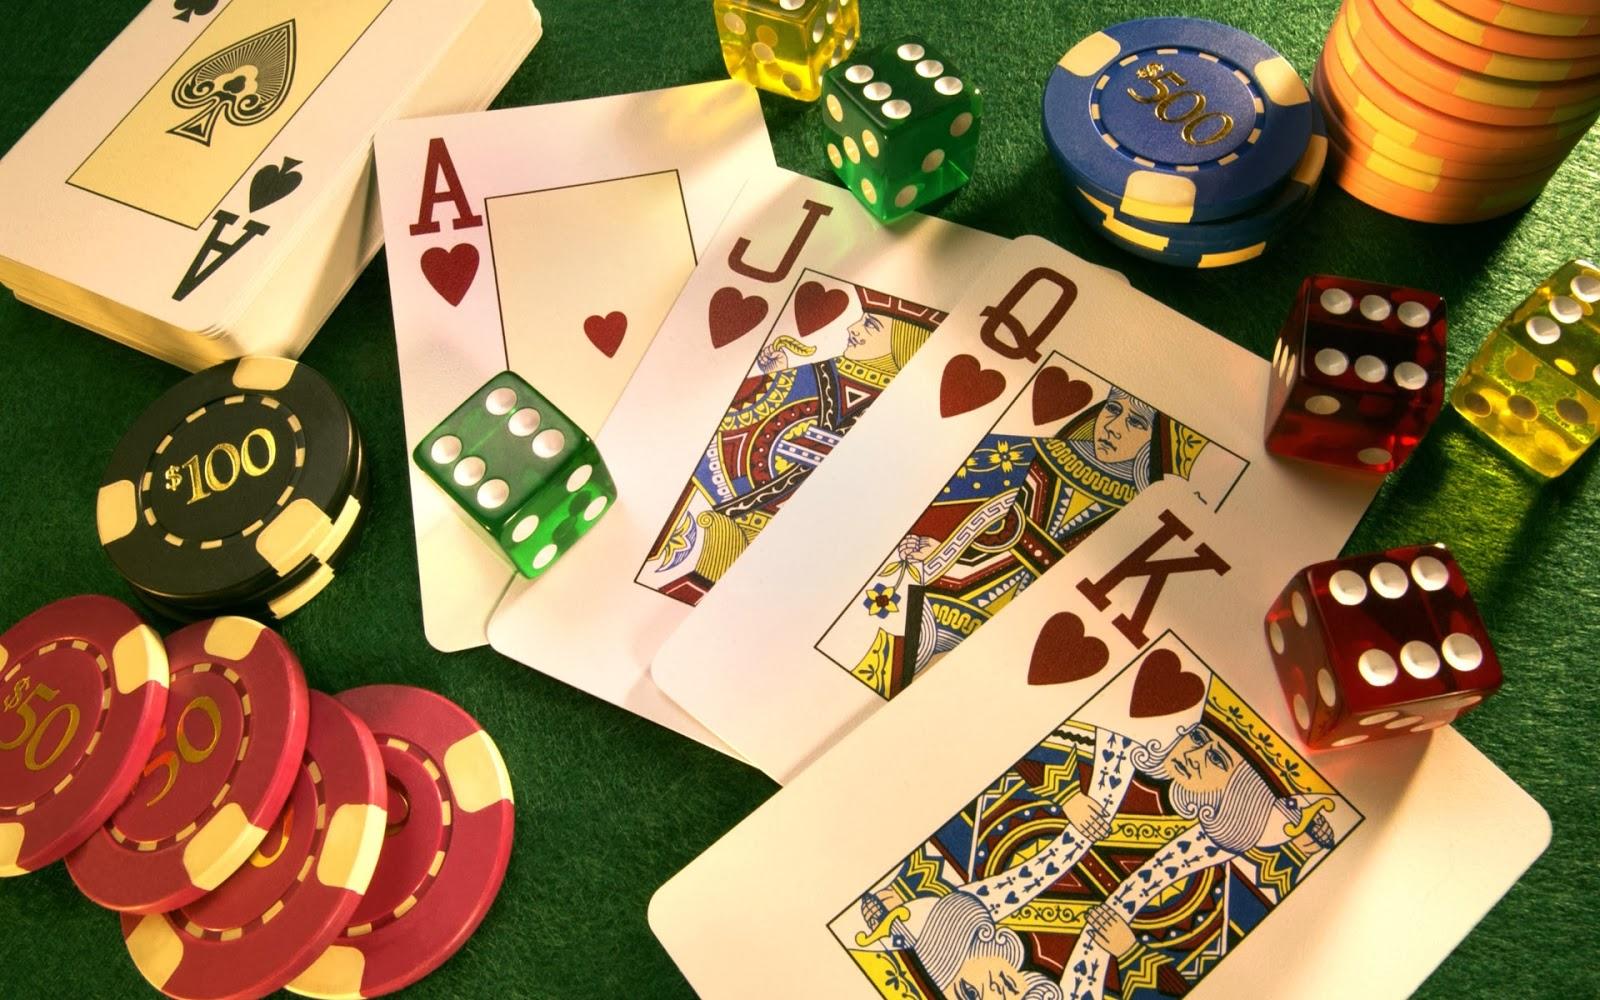 Де можна завантажити старих ігор для казино Завантажити онлайн казино безкоштовно